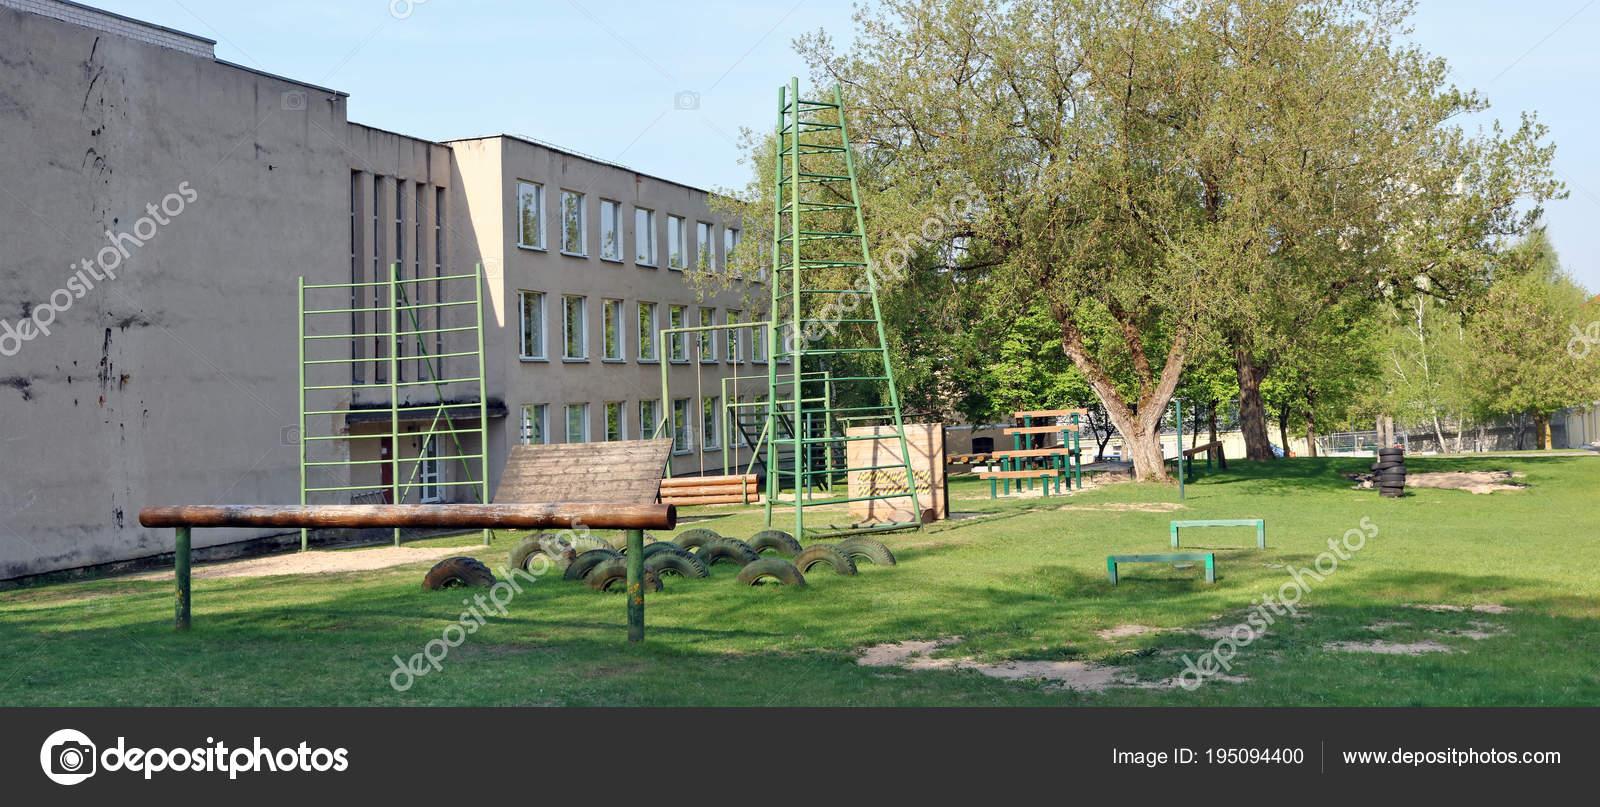 e38662589 ... 2018  Simuladores de esportes e de obstáculos no território dos nomes  Lituano academia militar do General Jonas Zemaitis. A Academia foi fundada  em 1992 ...